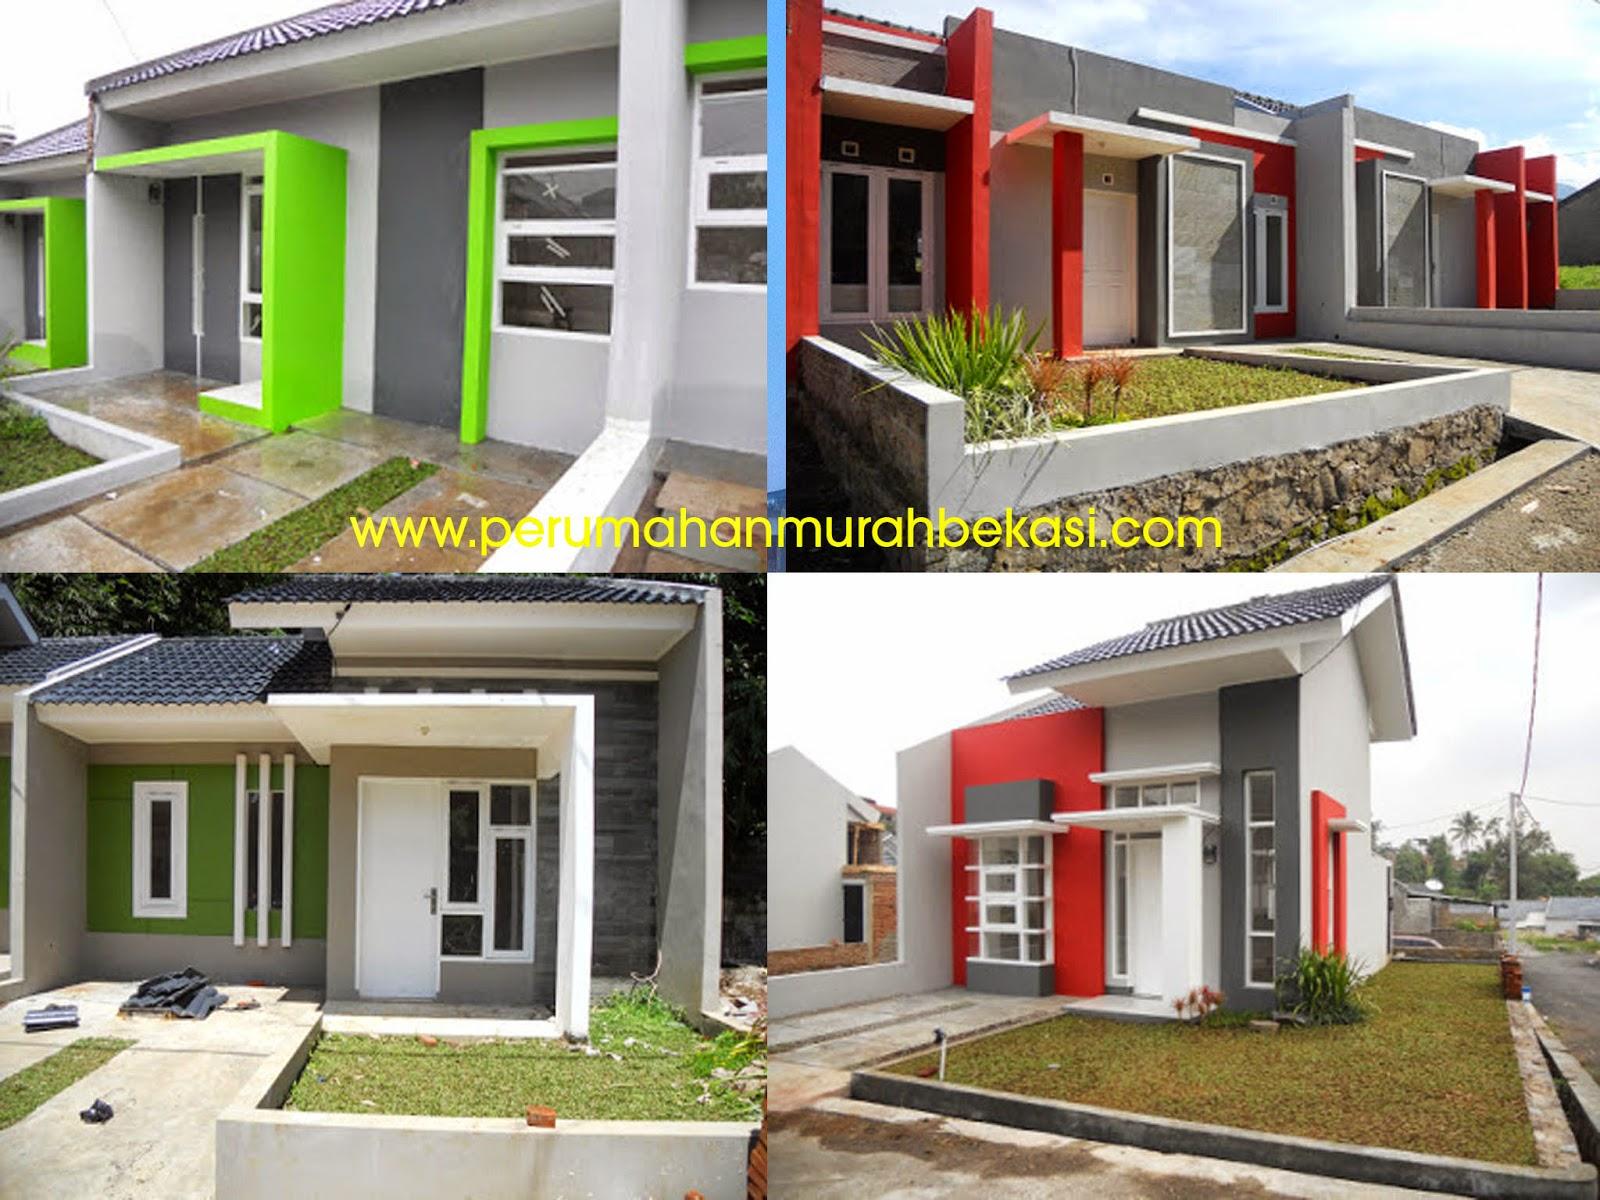 Desain Rumah Minimalis Cluster Kumpulan Desain Rumah